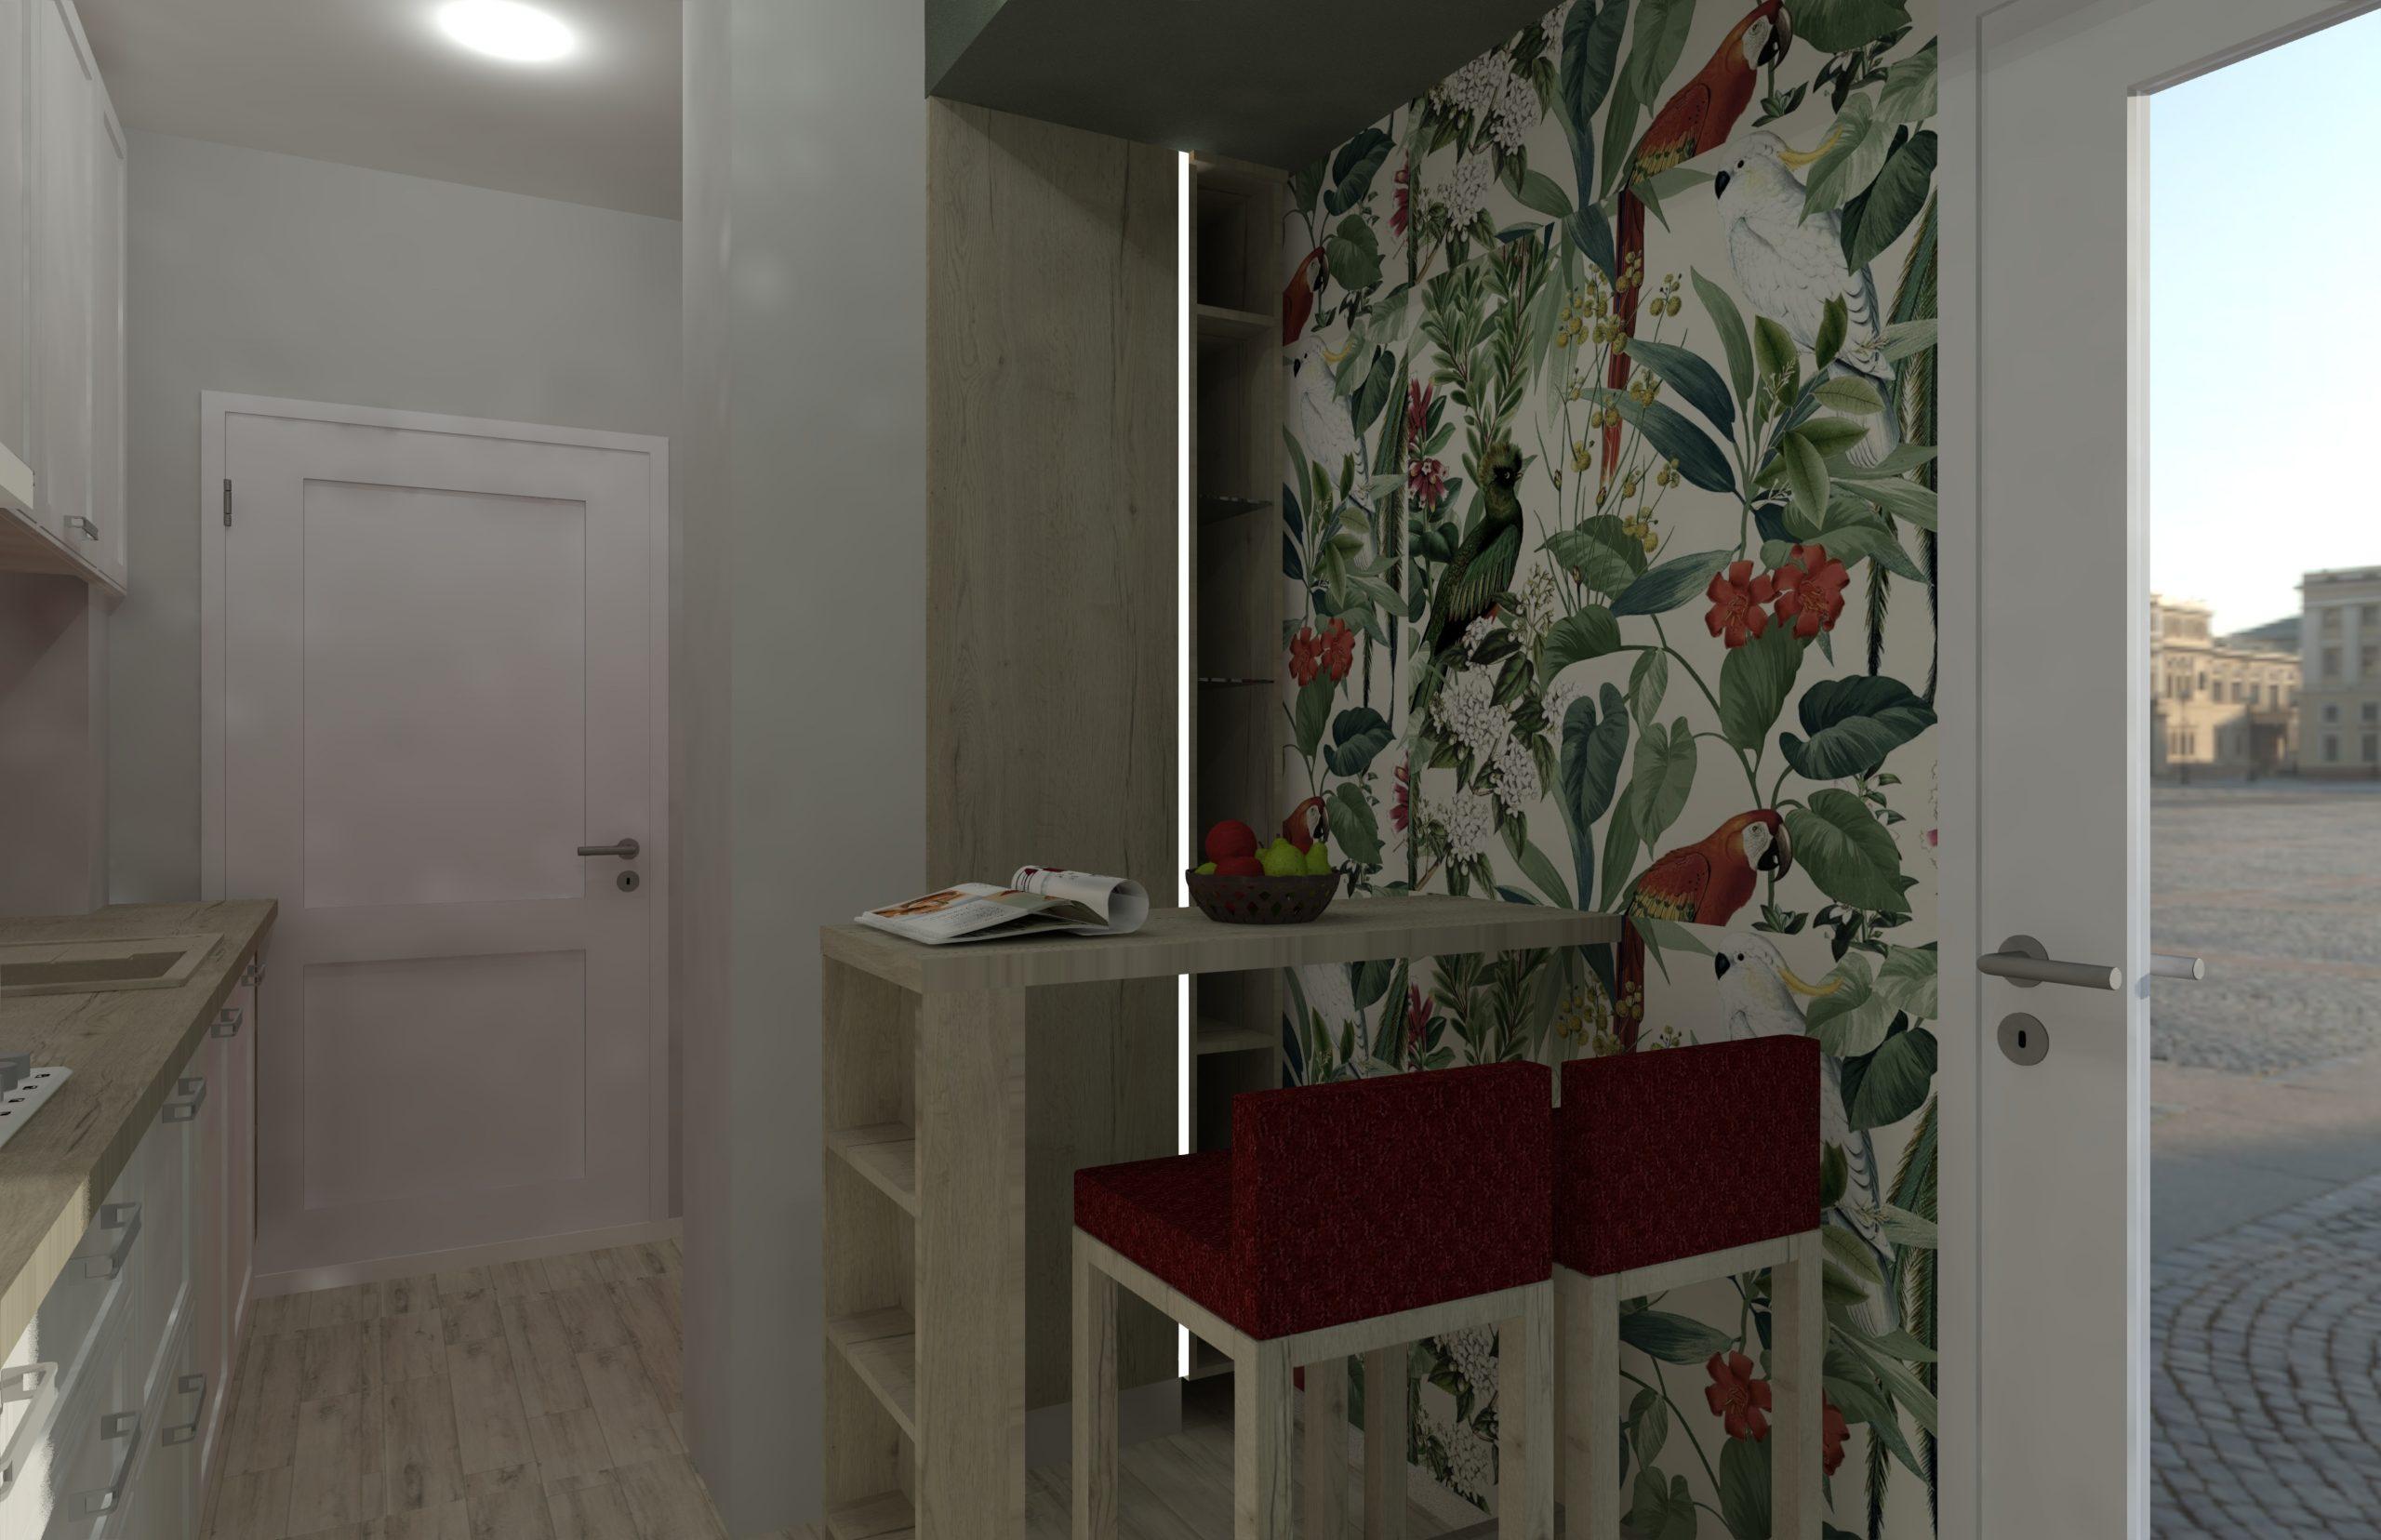 Proiect design mobila bucatarie retro